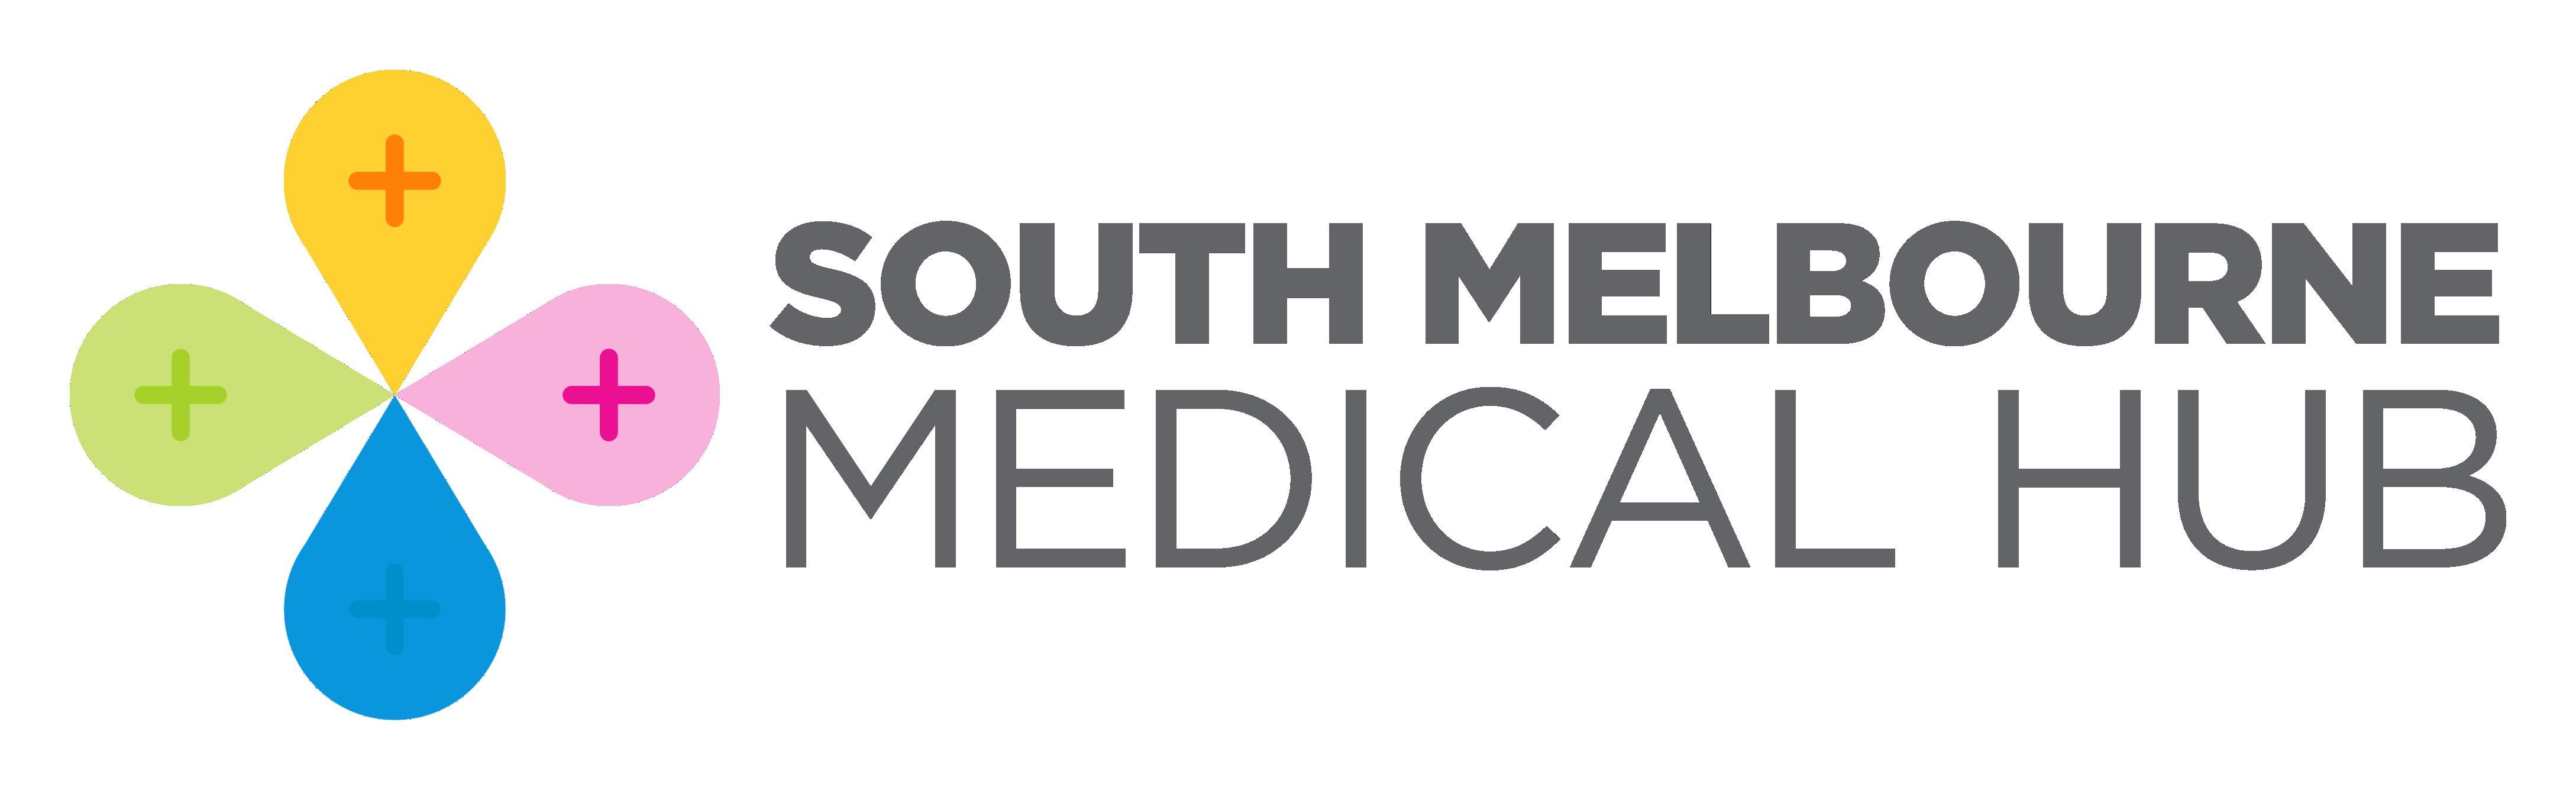 South Melbourne Medical Hub